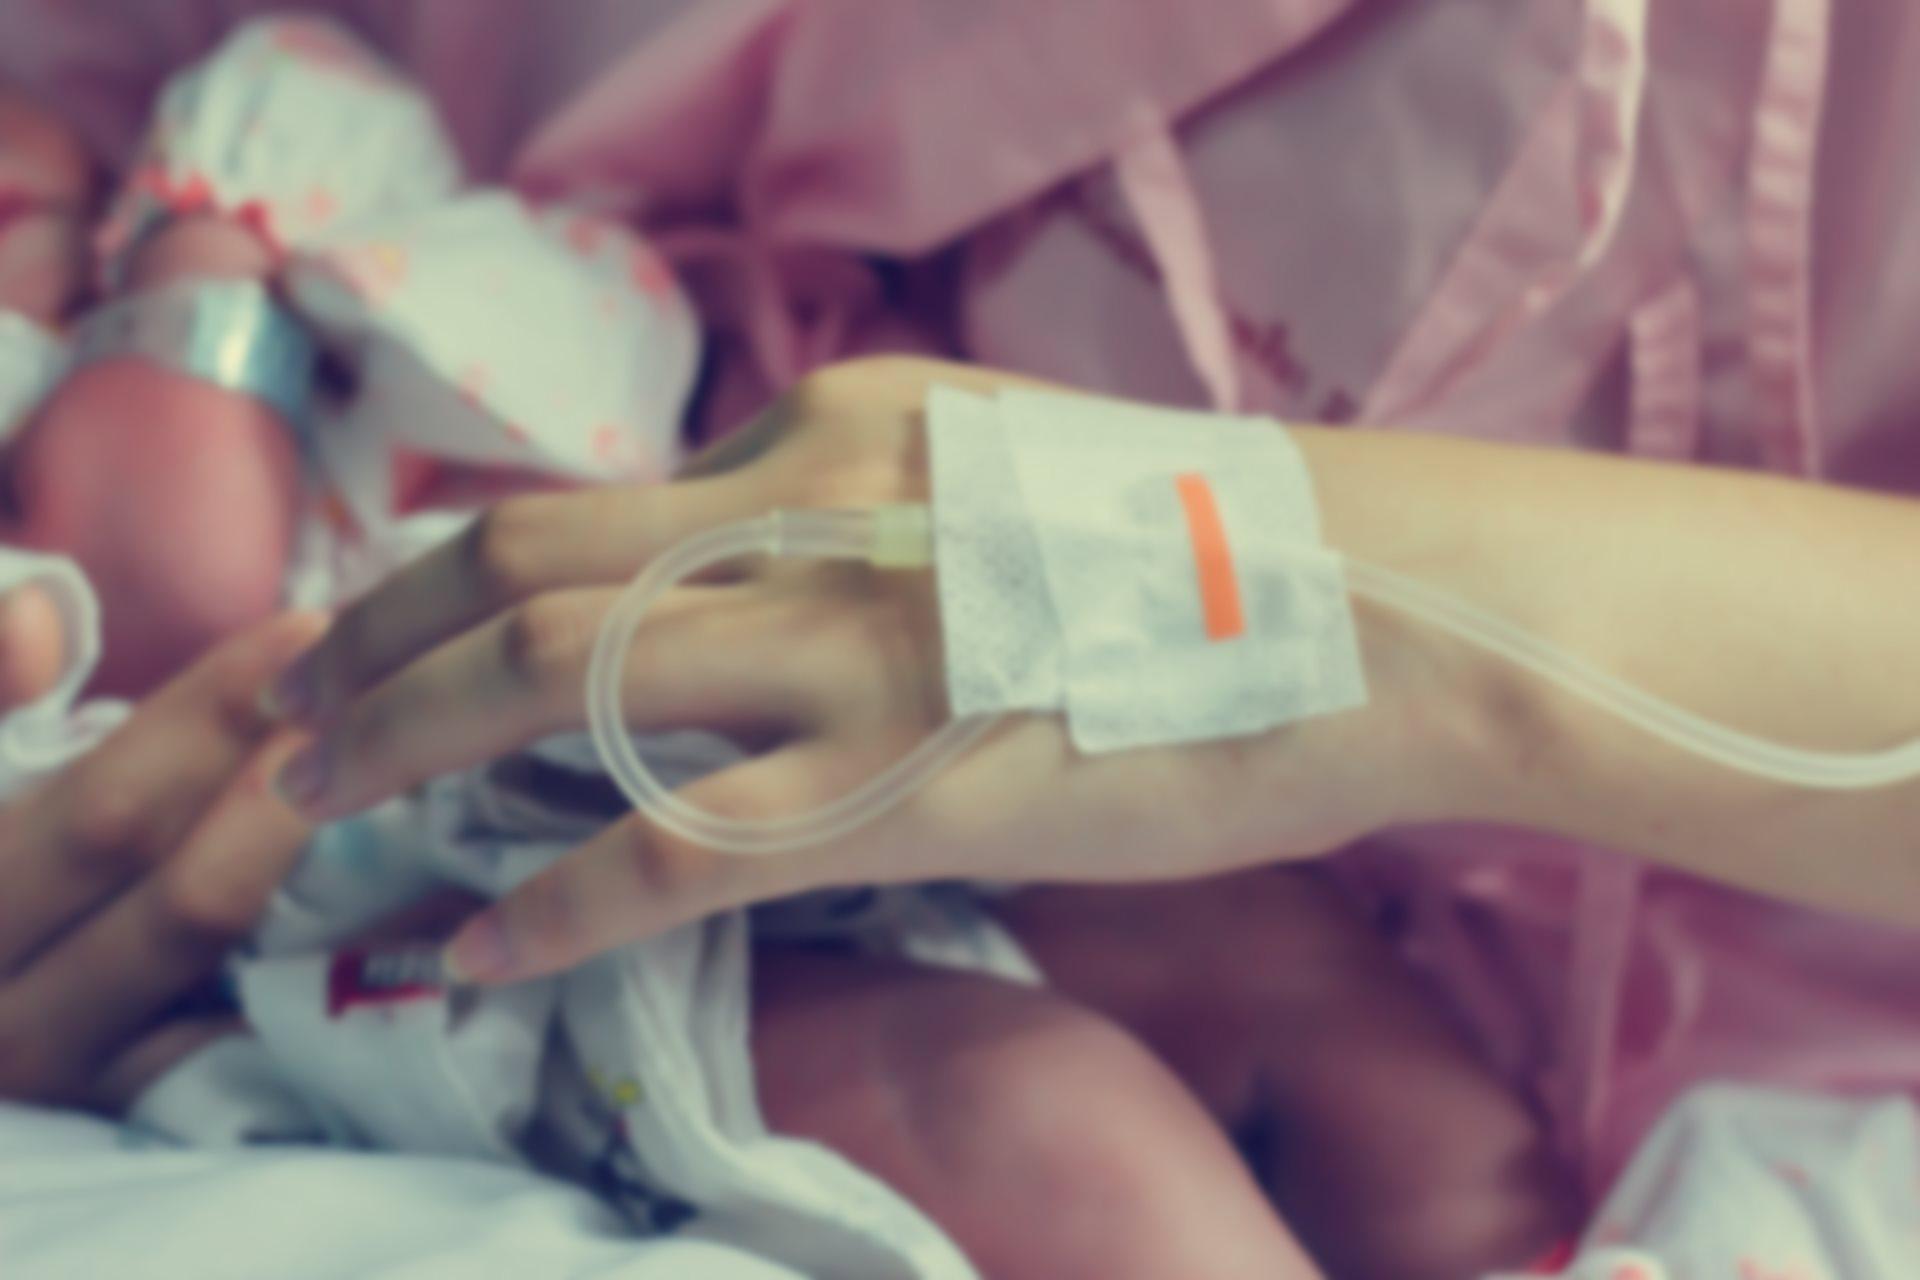 zena iz avganistana se porodila tokom evakuacije_439711771